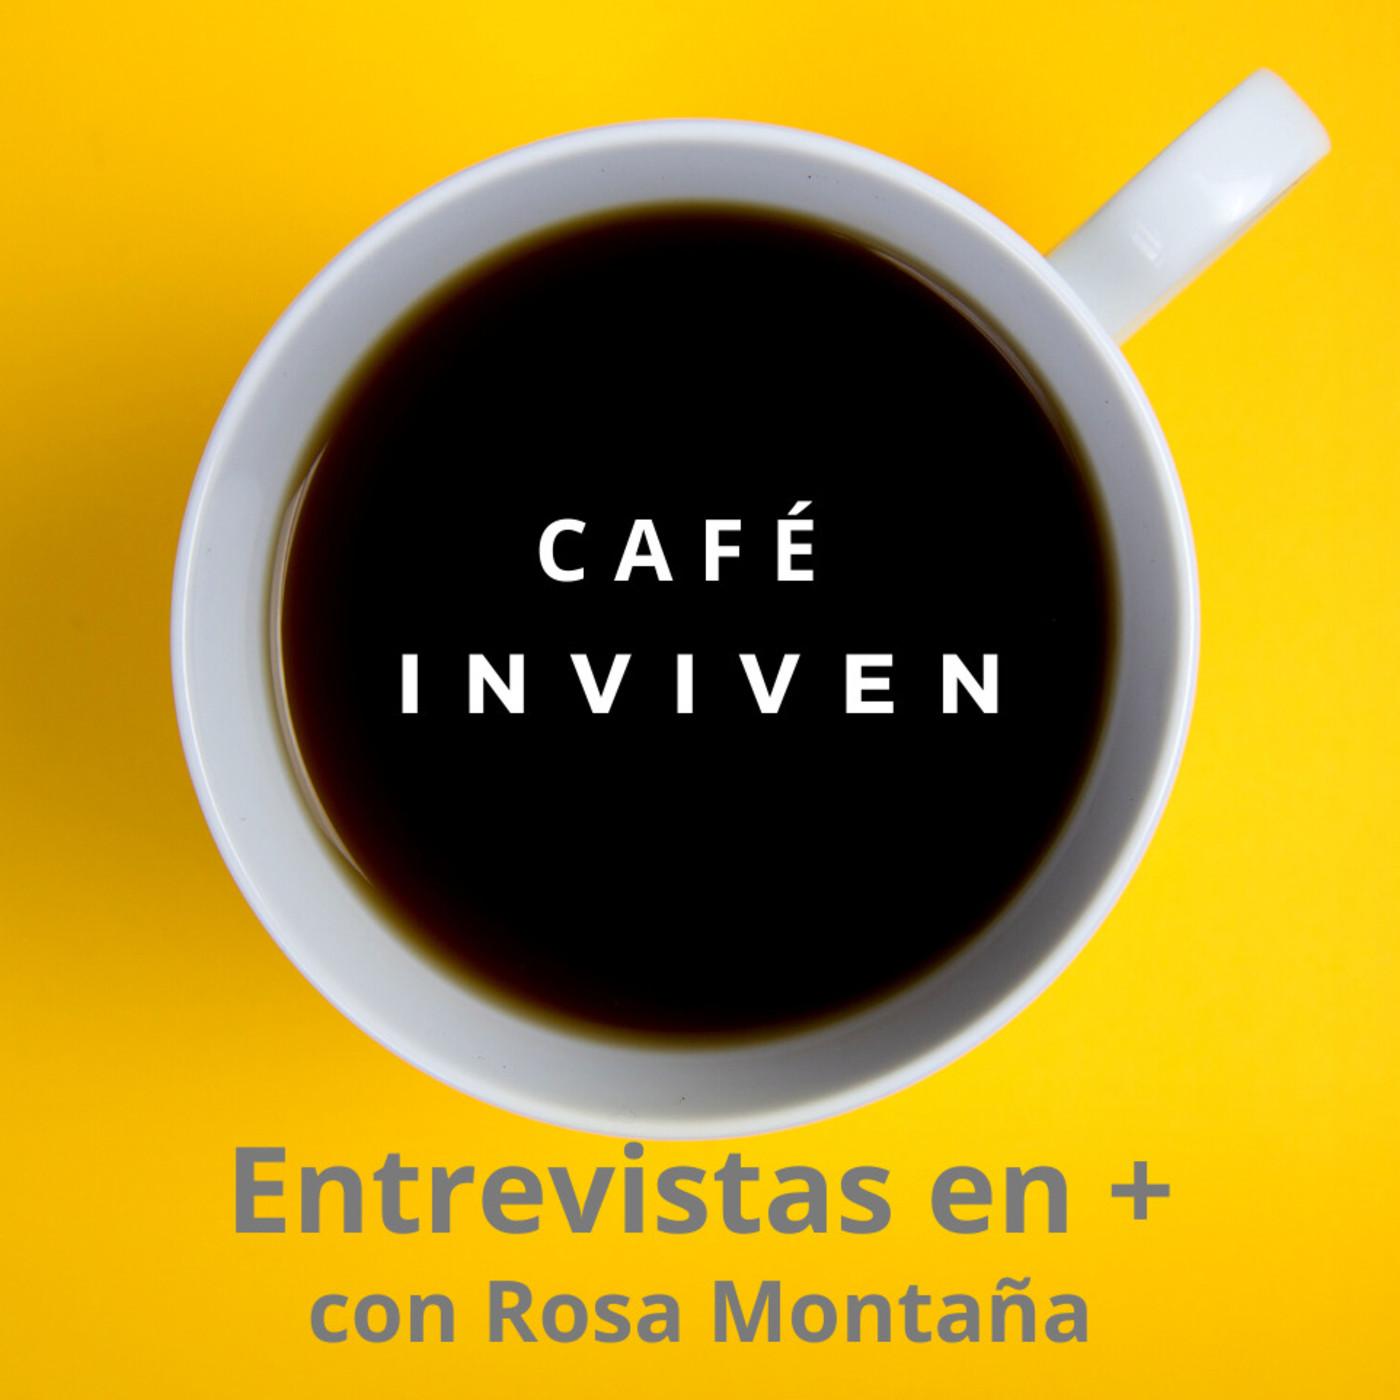 Café INVIVEN 1x04. Jorge Carretero y la humildad como valor ...